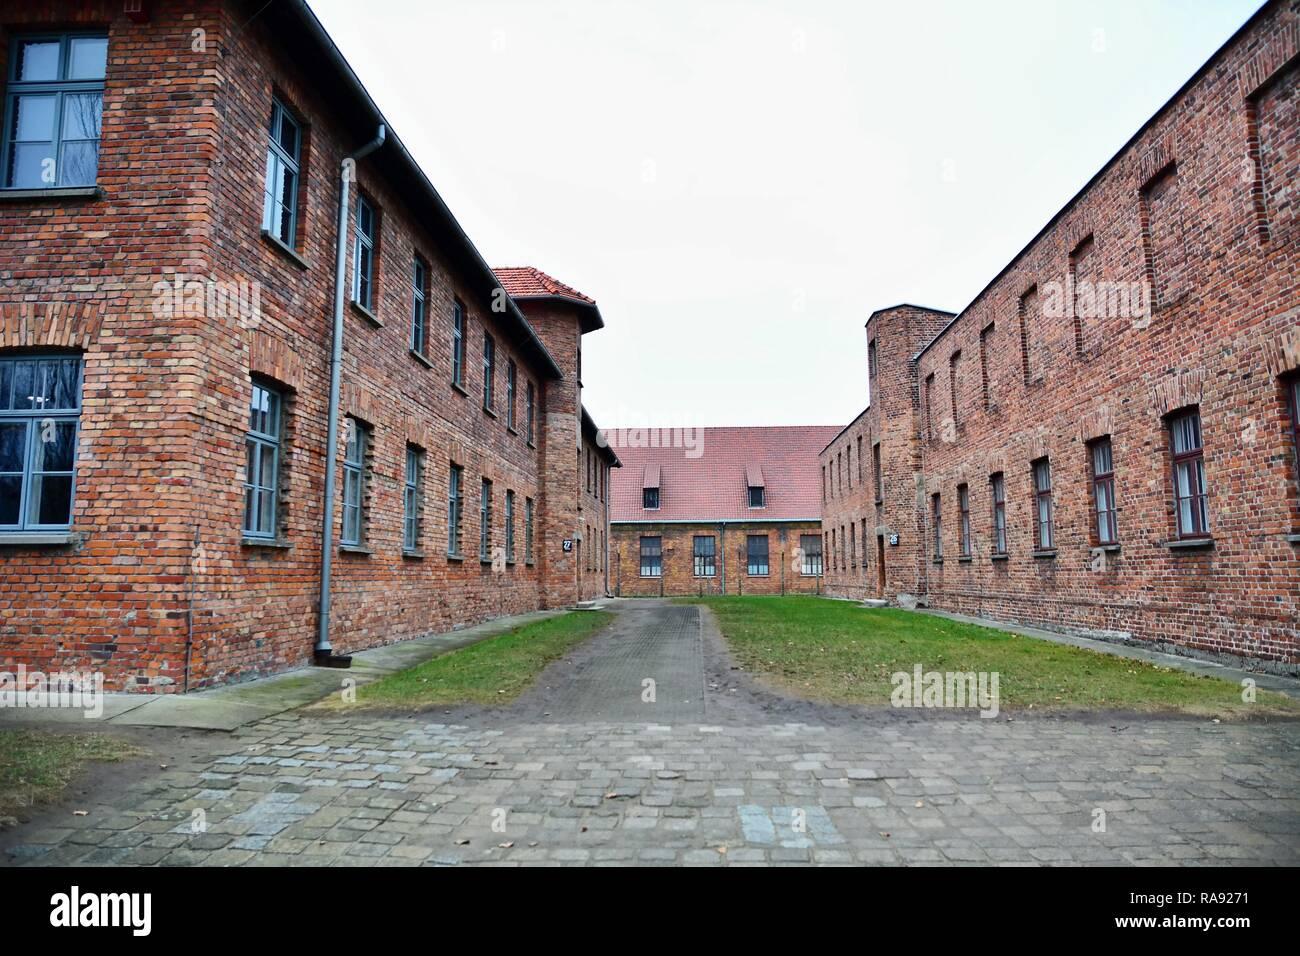 OSWIECIM, Polen - 07 Dezember, 2018: Auschwitz I Holocaust Memorial Museum. Auschwitz I ist das Lager der nationalsozialistischen Konzentrations- und Vernichtungslager Stockbild